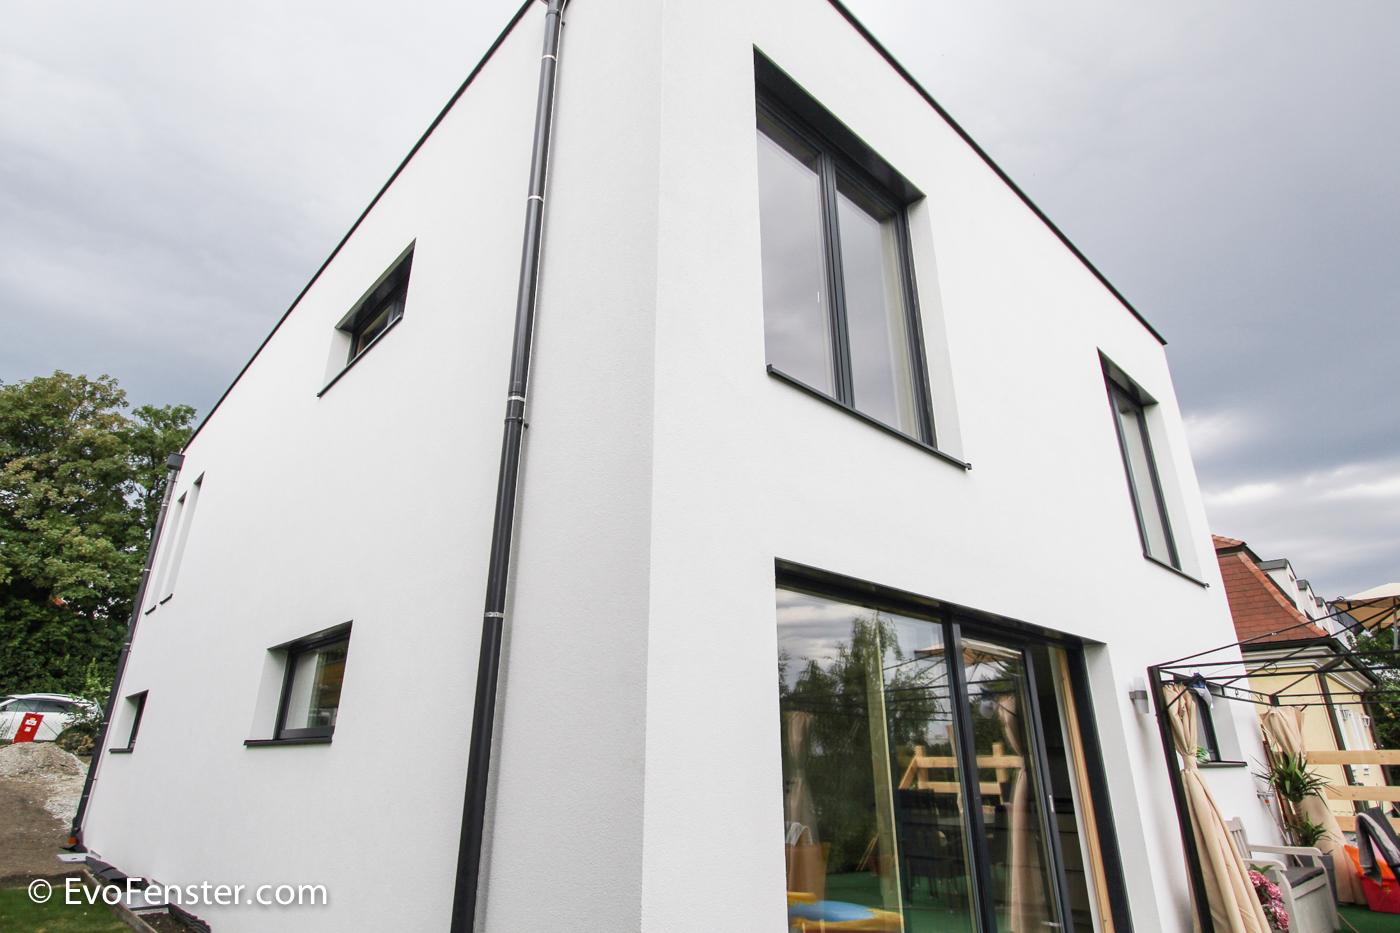 Referenz: Neubau in Brunn am Gebirge, NÖ - EvoFenster Blog